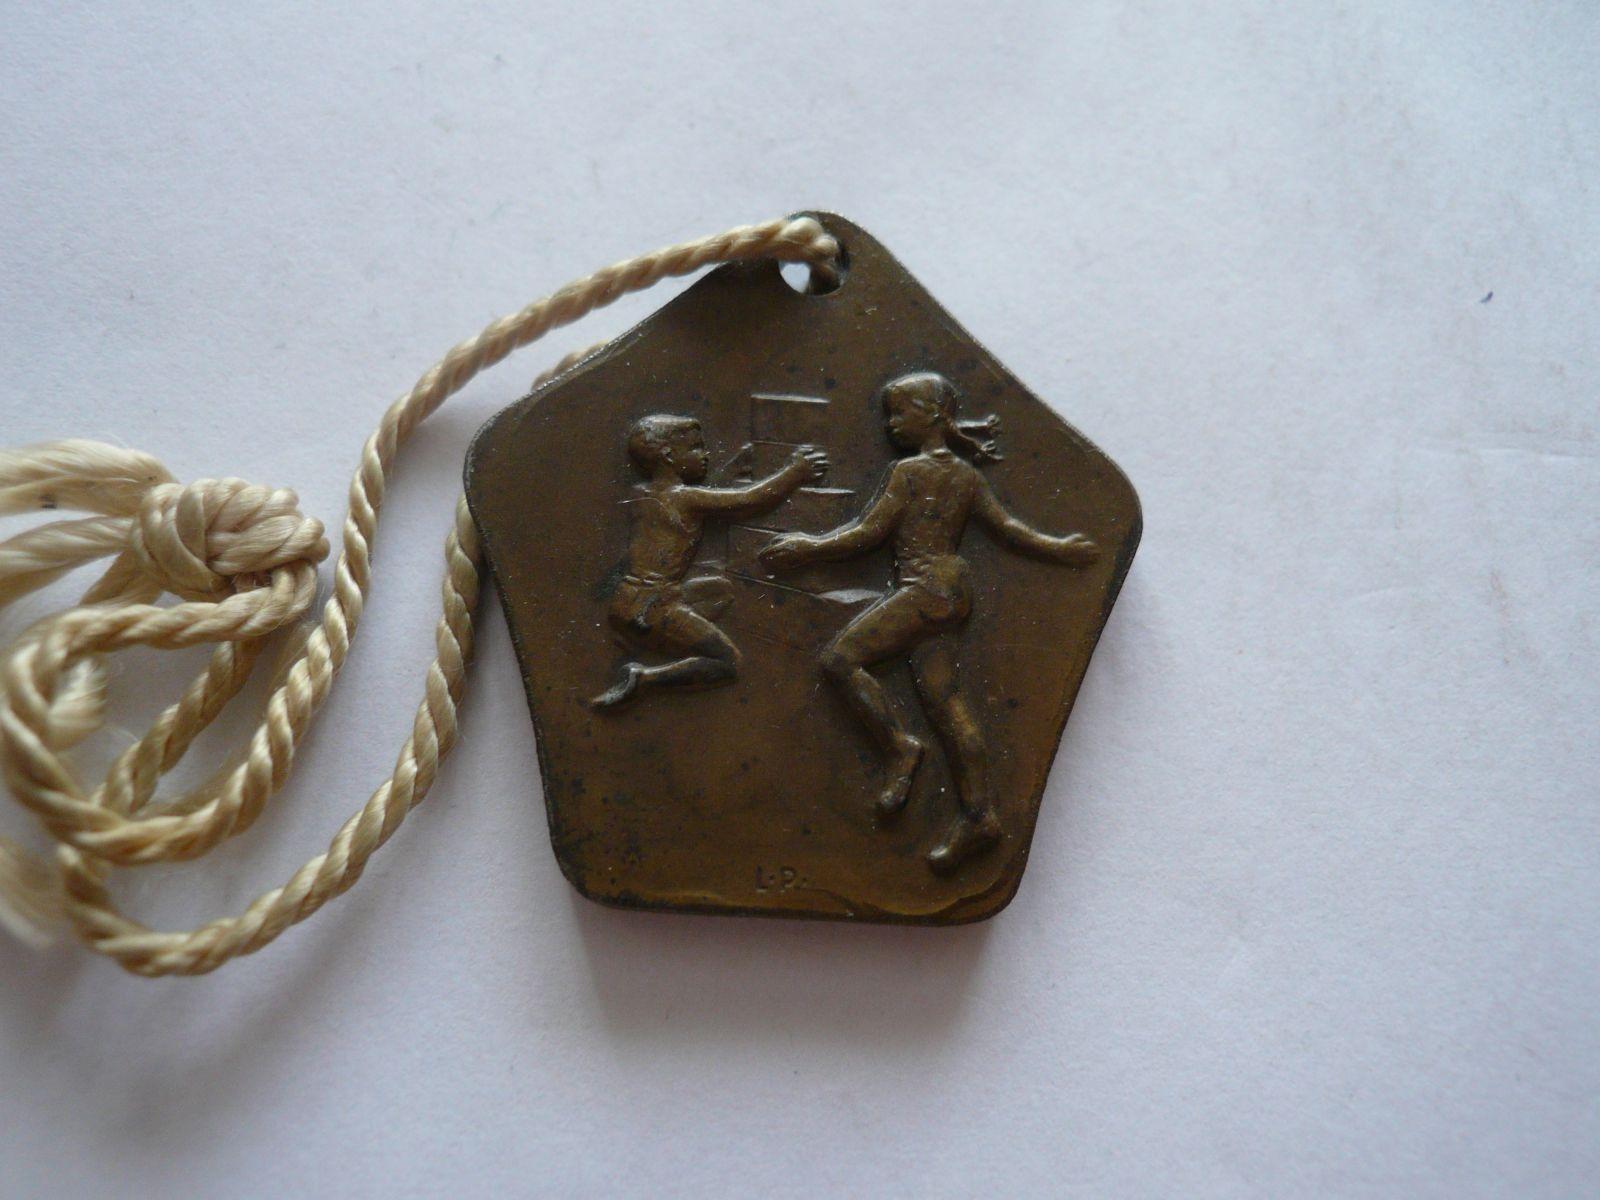 I.celostátní spartakiáda 1955, školy, ČSR